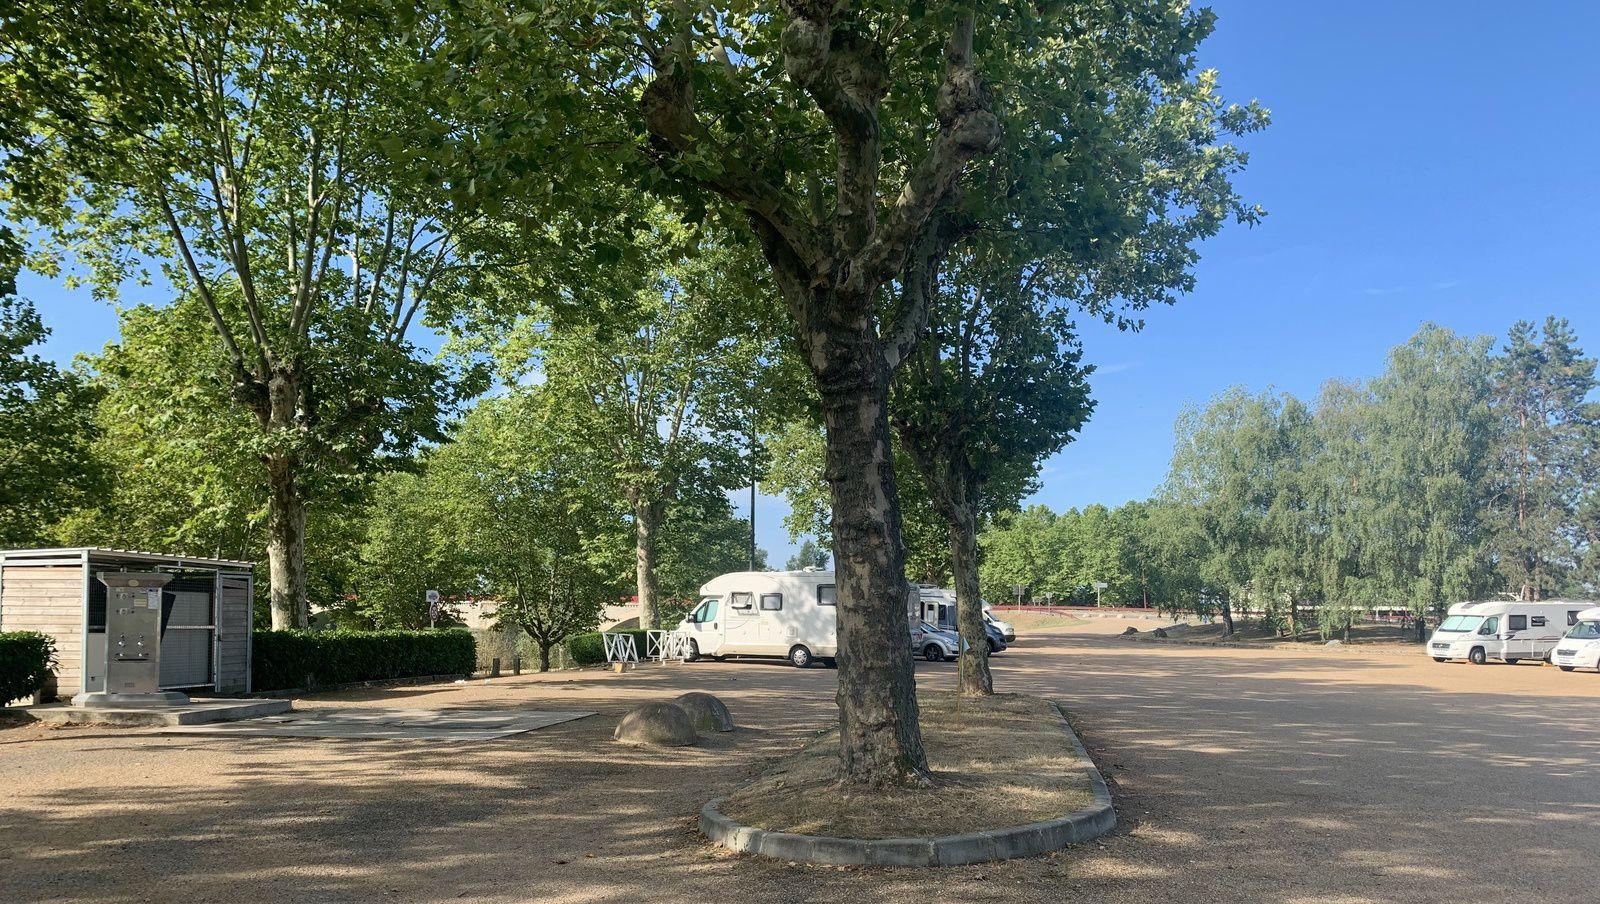 INDEX: 71 SAÔNE-ET-LOIRE * AIRES-DE-SERVICES & CAMPING